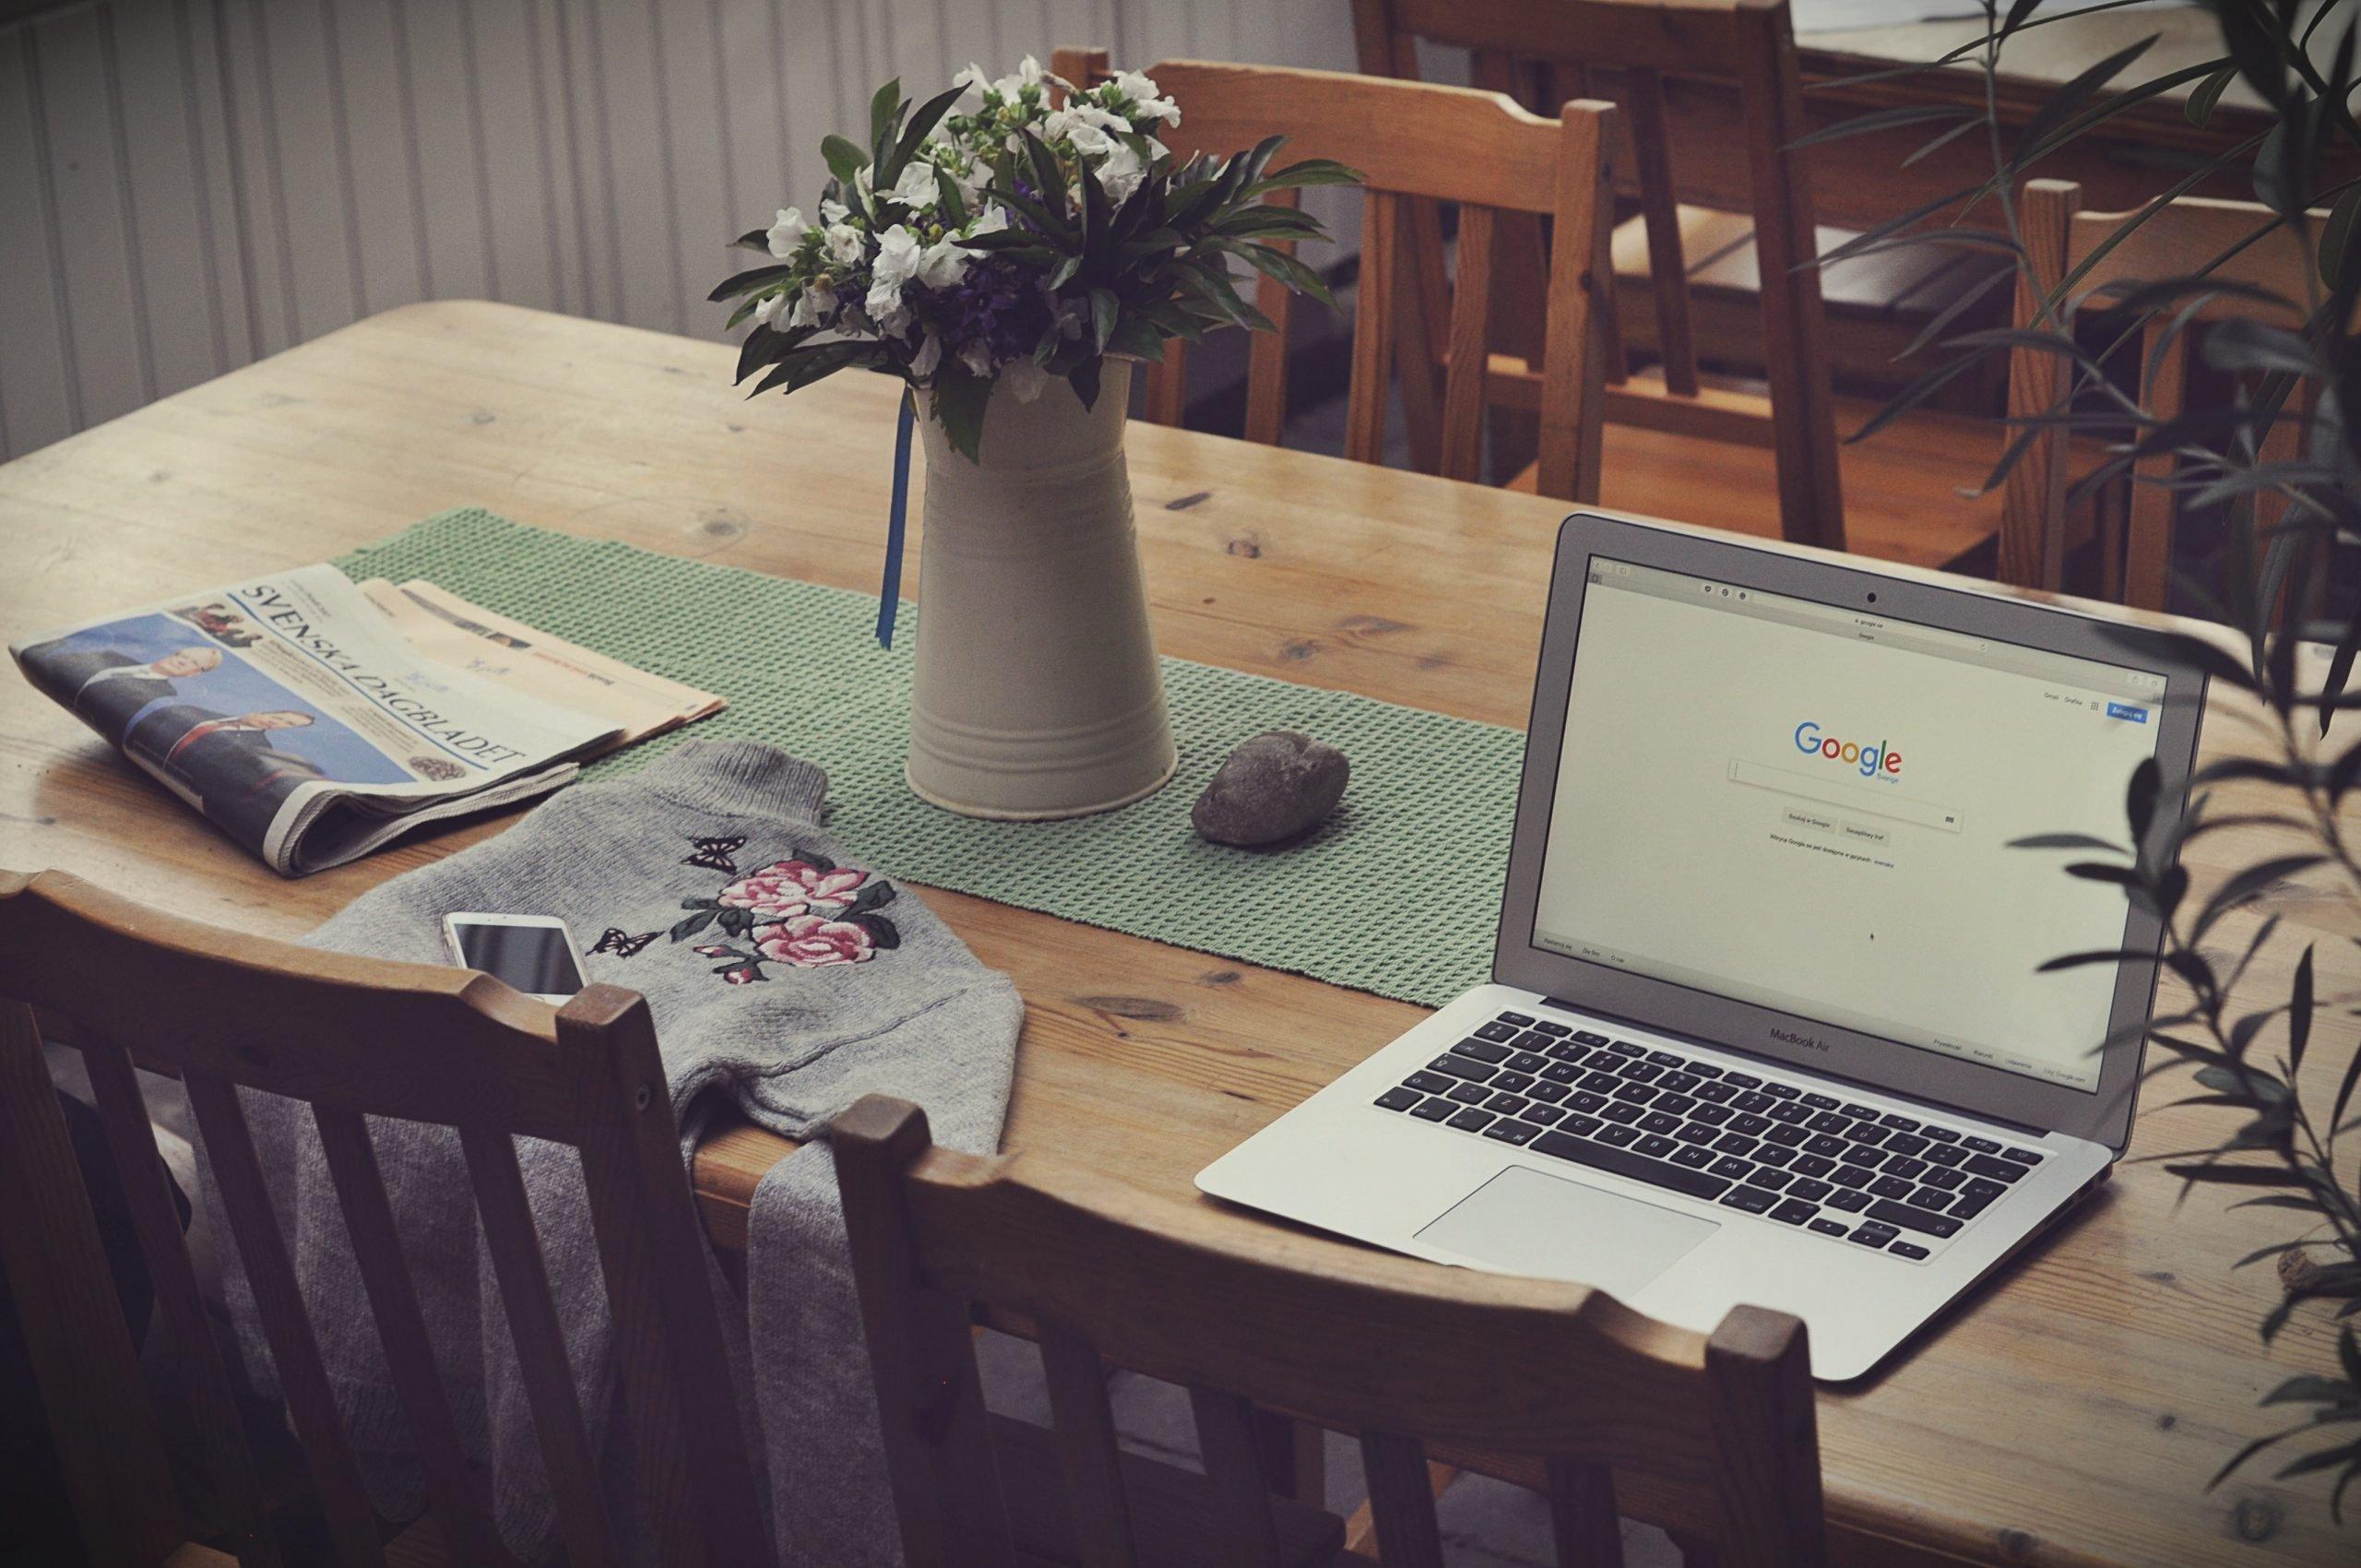 Pracovný stôl s notebookom